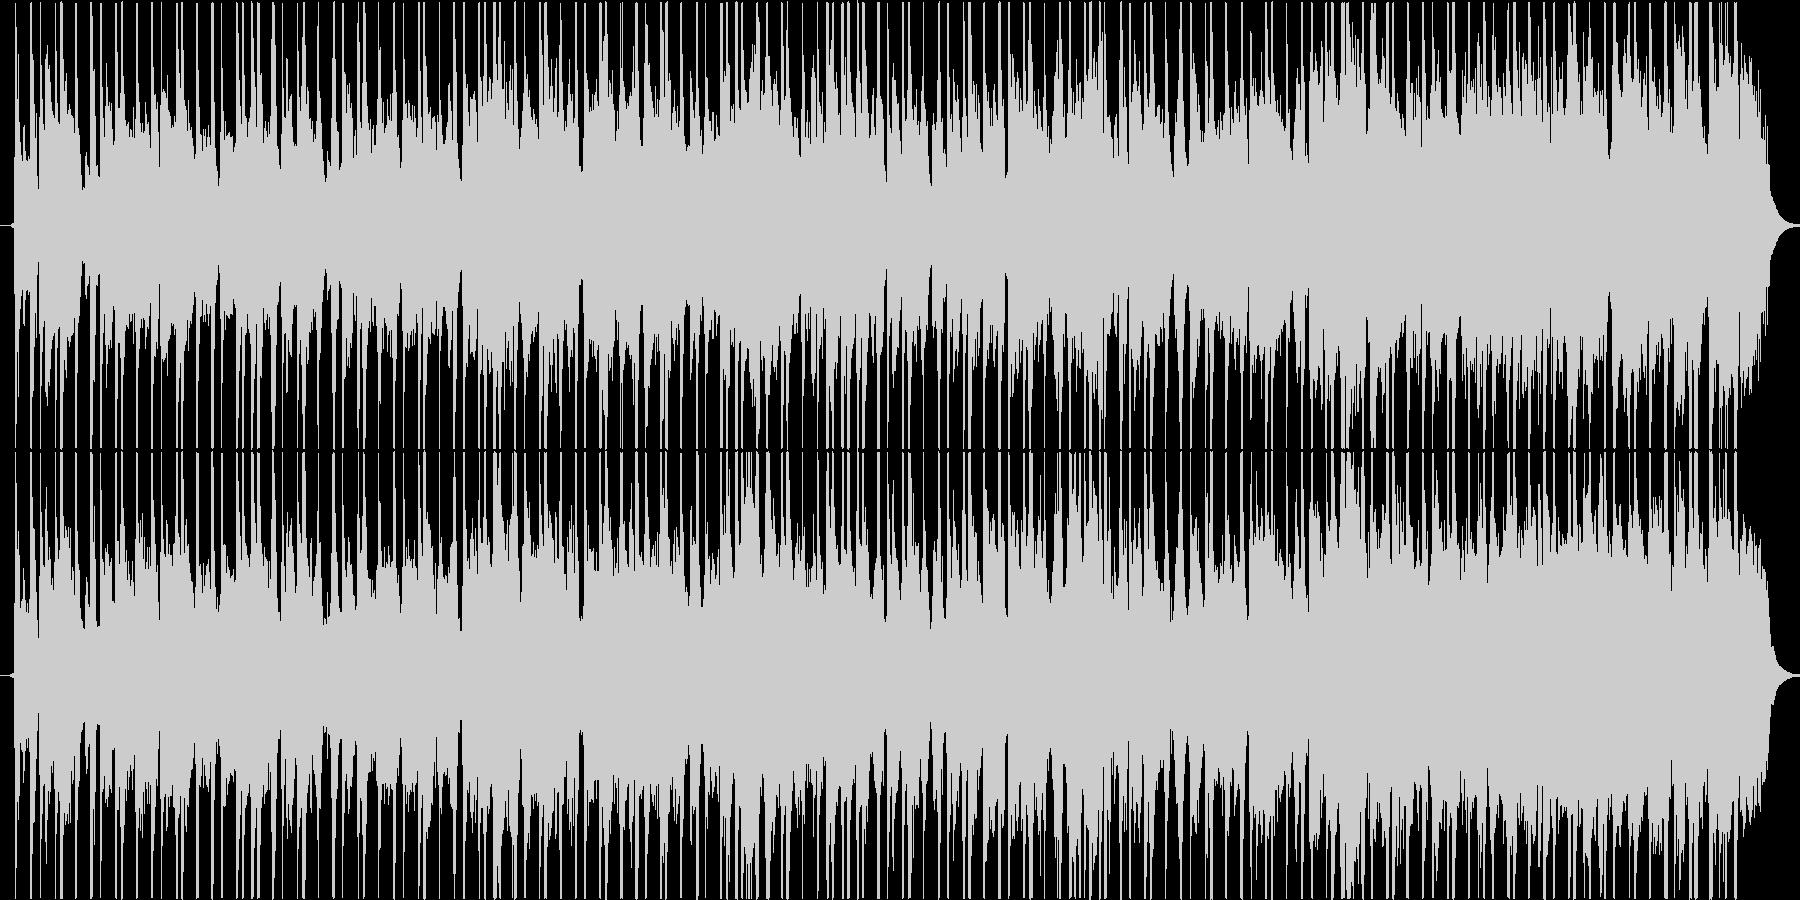 軽快なオルガンが象徴的なBGMの未再生の波形